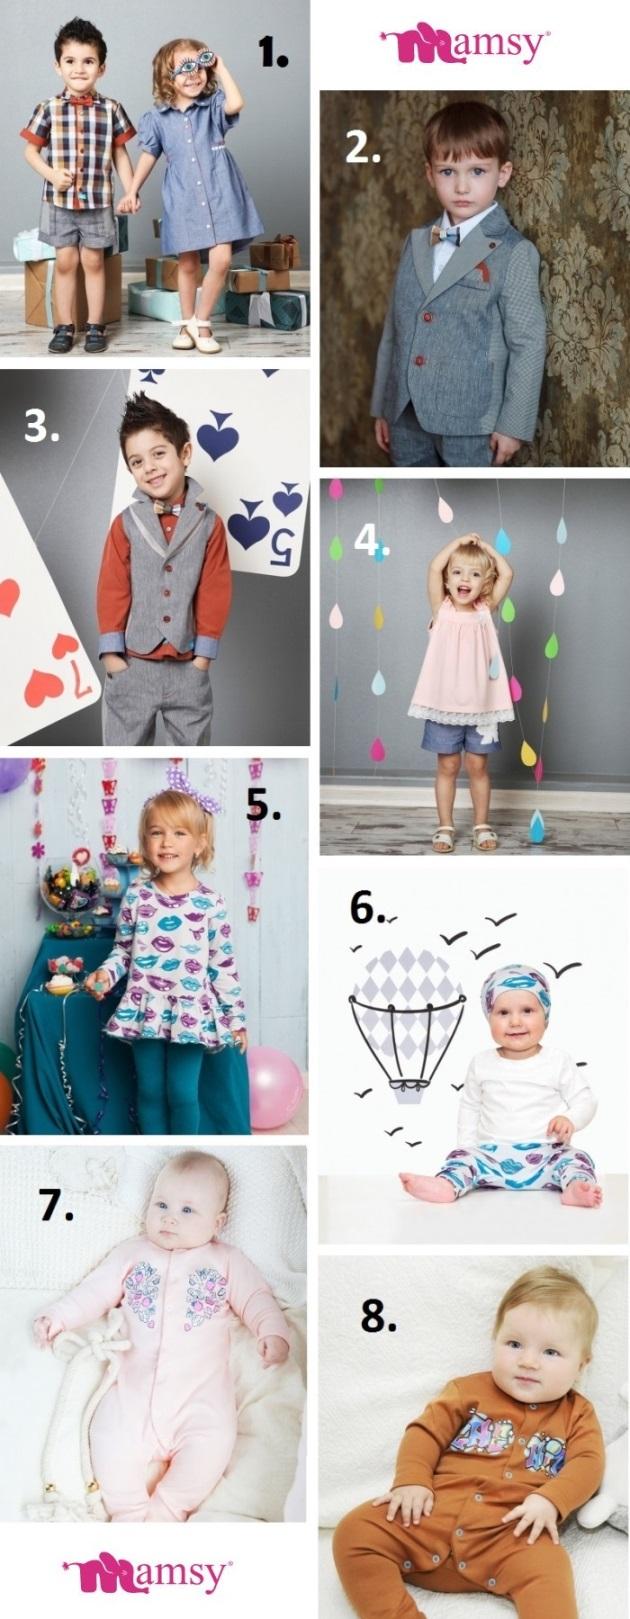 Модная детская одежда бренда The hip! в Mamsy